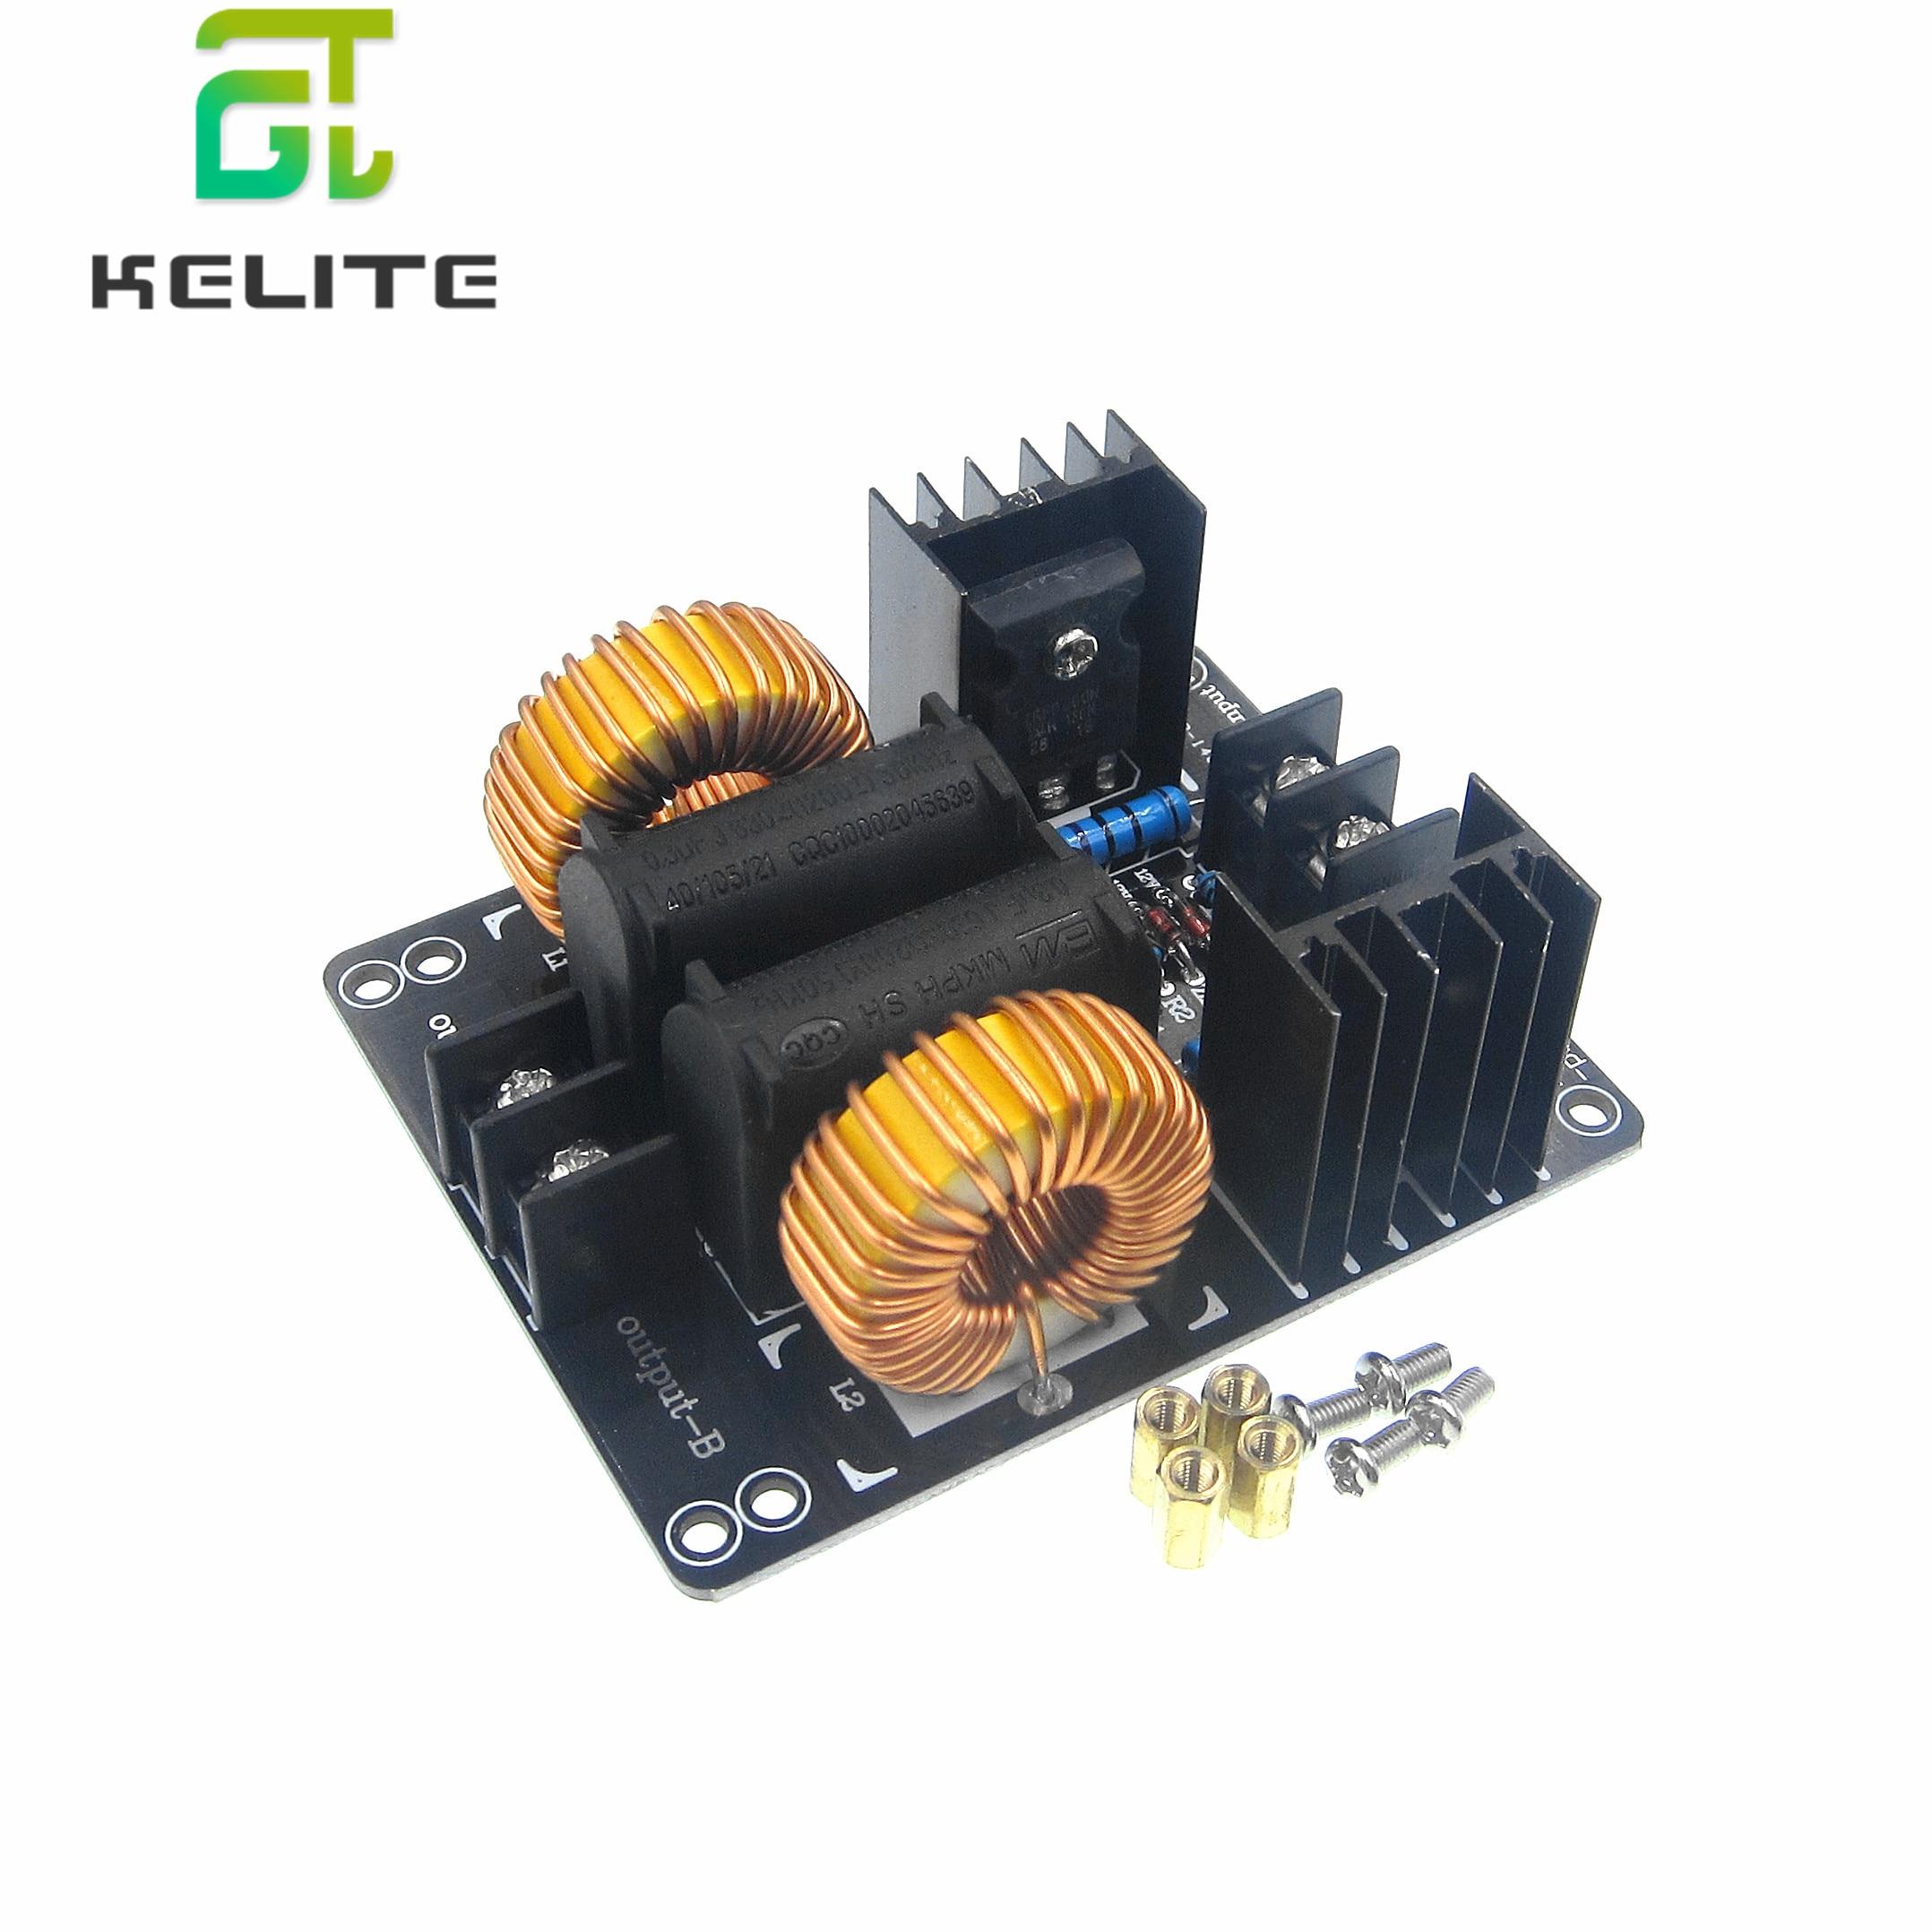 1000W 20A ZVS Placa de bajo voltaje Módulo de calefacción placa de inducción Módulo de calefacción Flyback controlador calentadores máquina herramientas